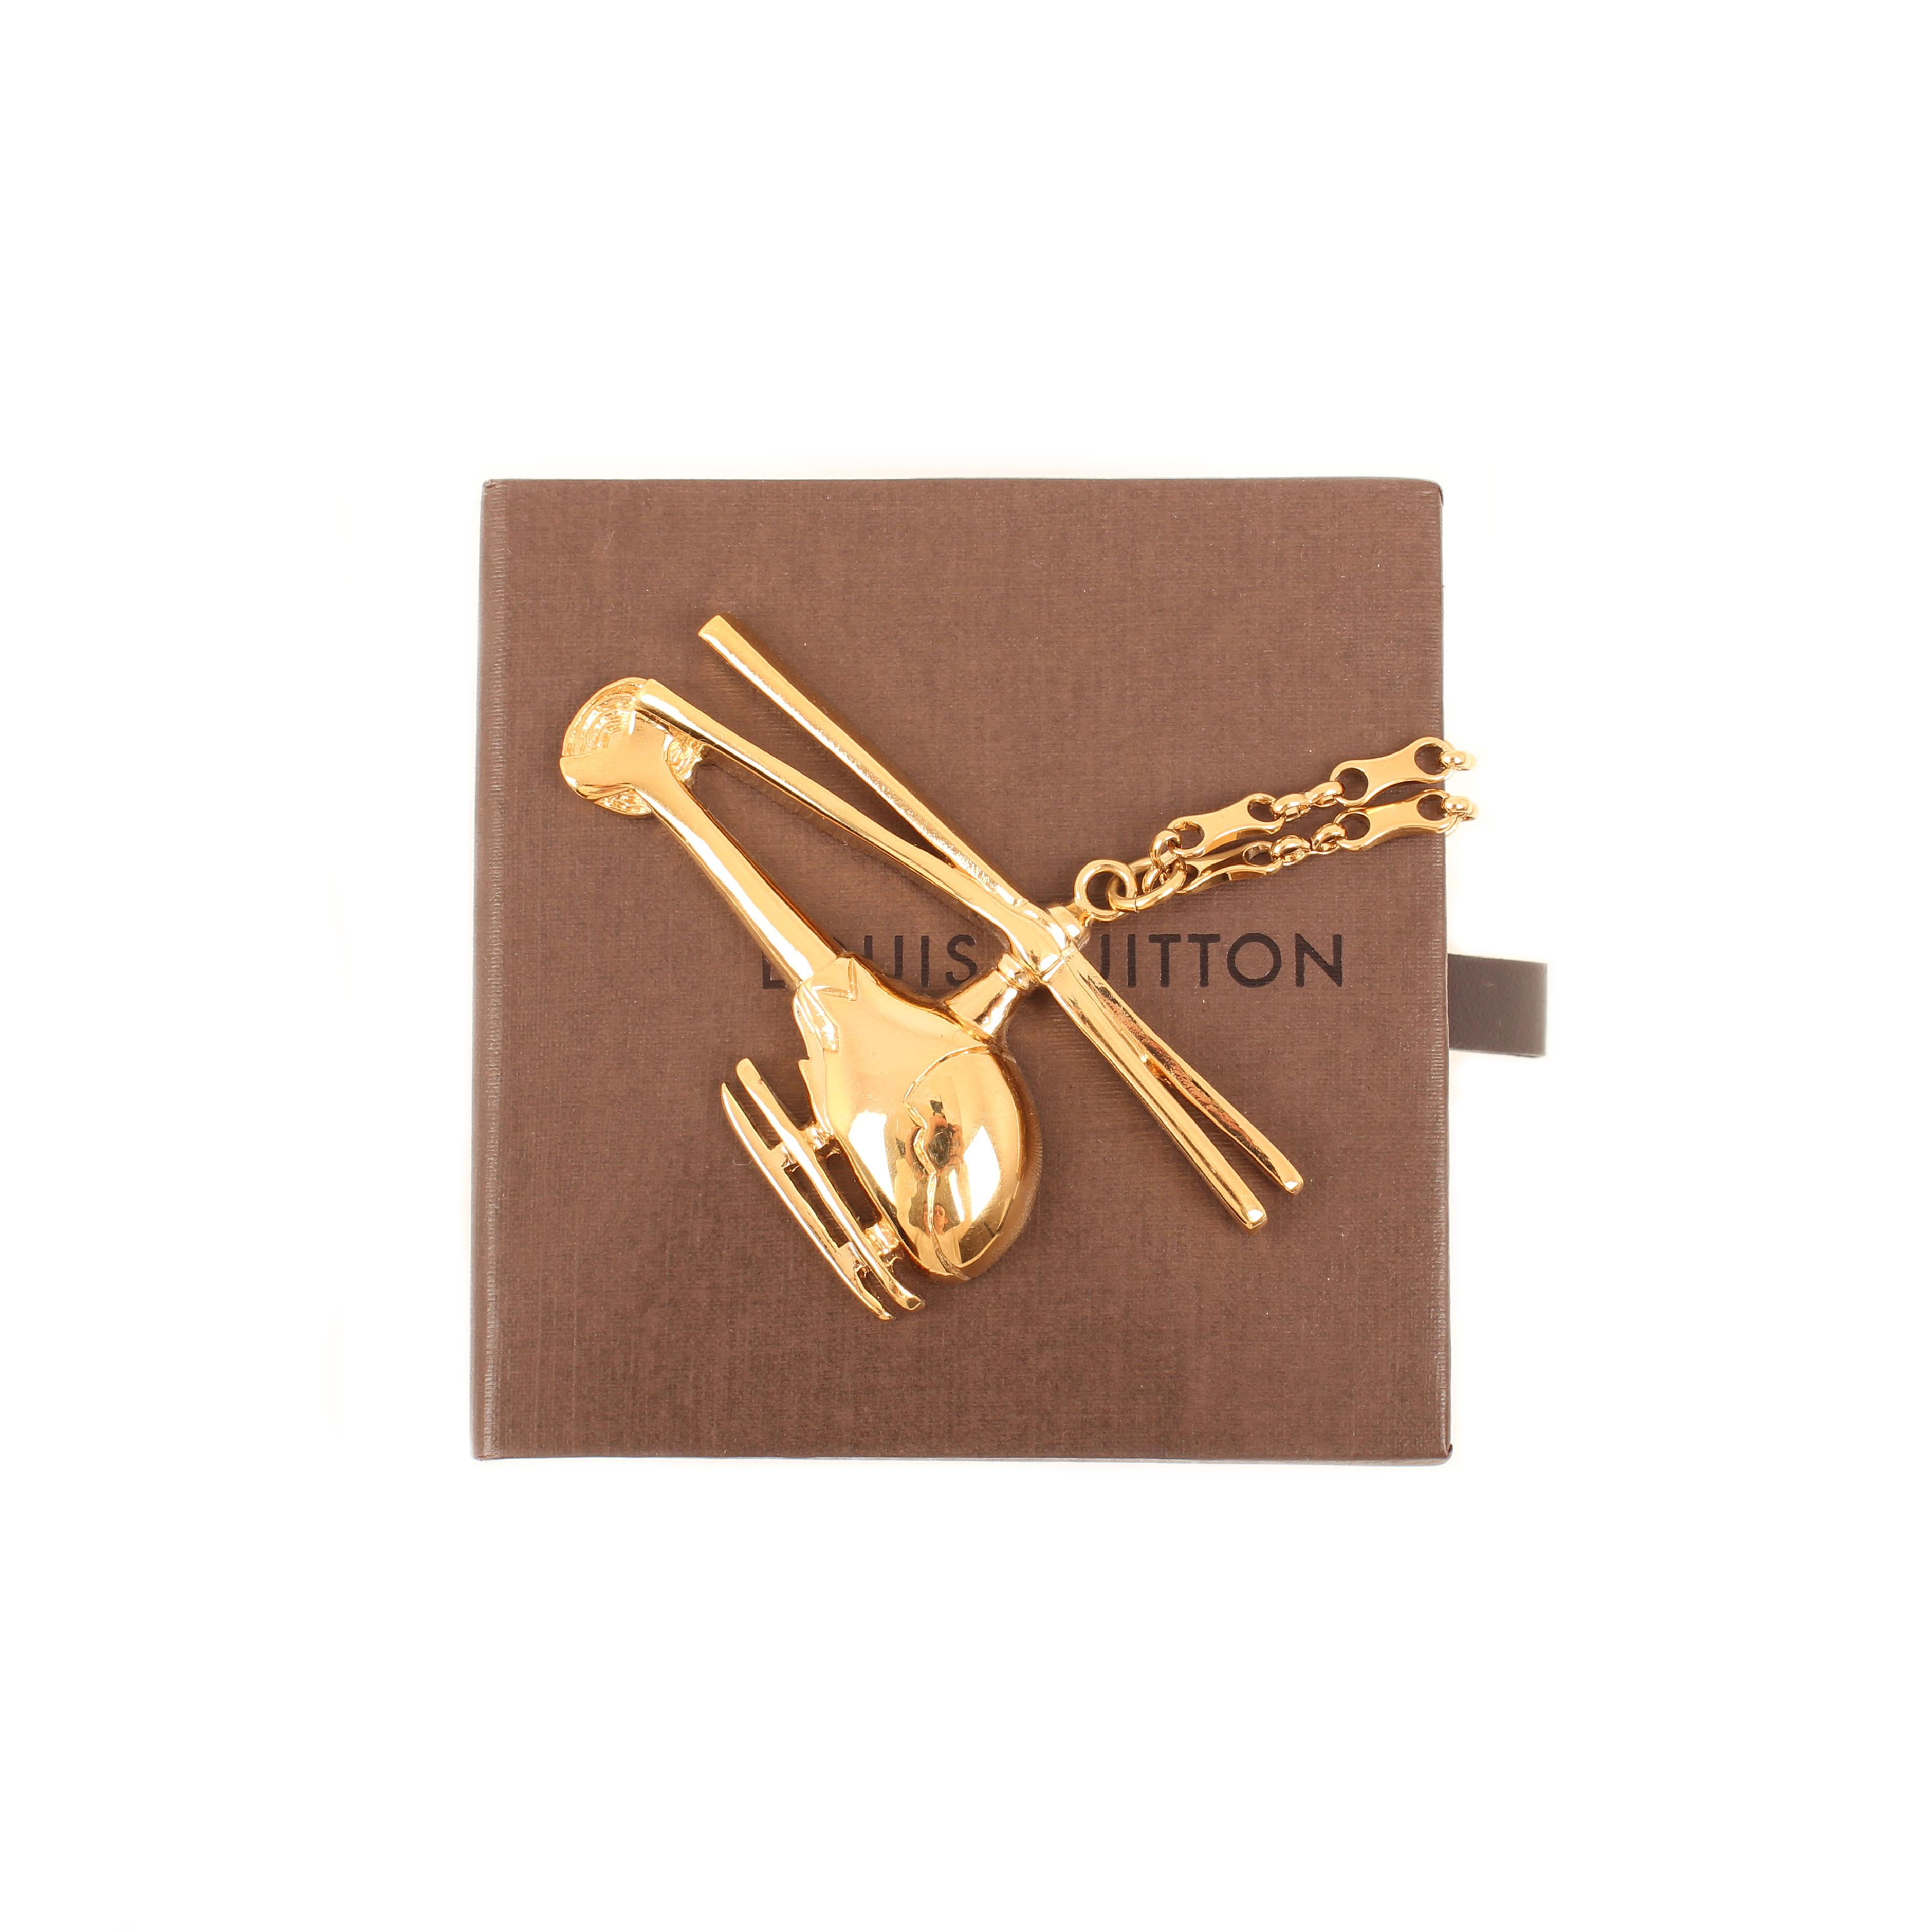 Louis Vuitton Helicopter Statement Pendant Necklace  8d6d6e2f6ab5f